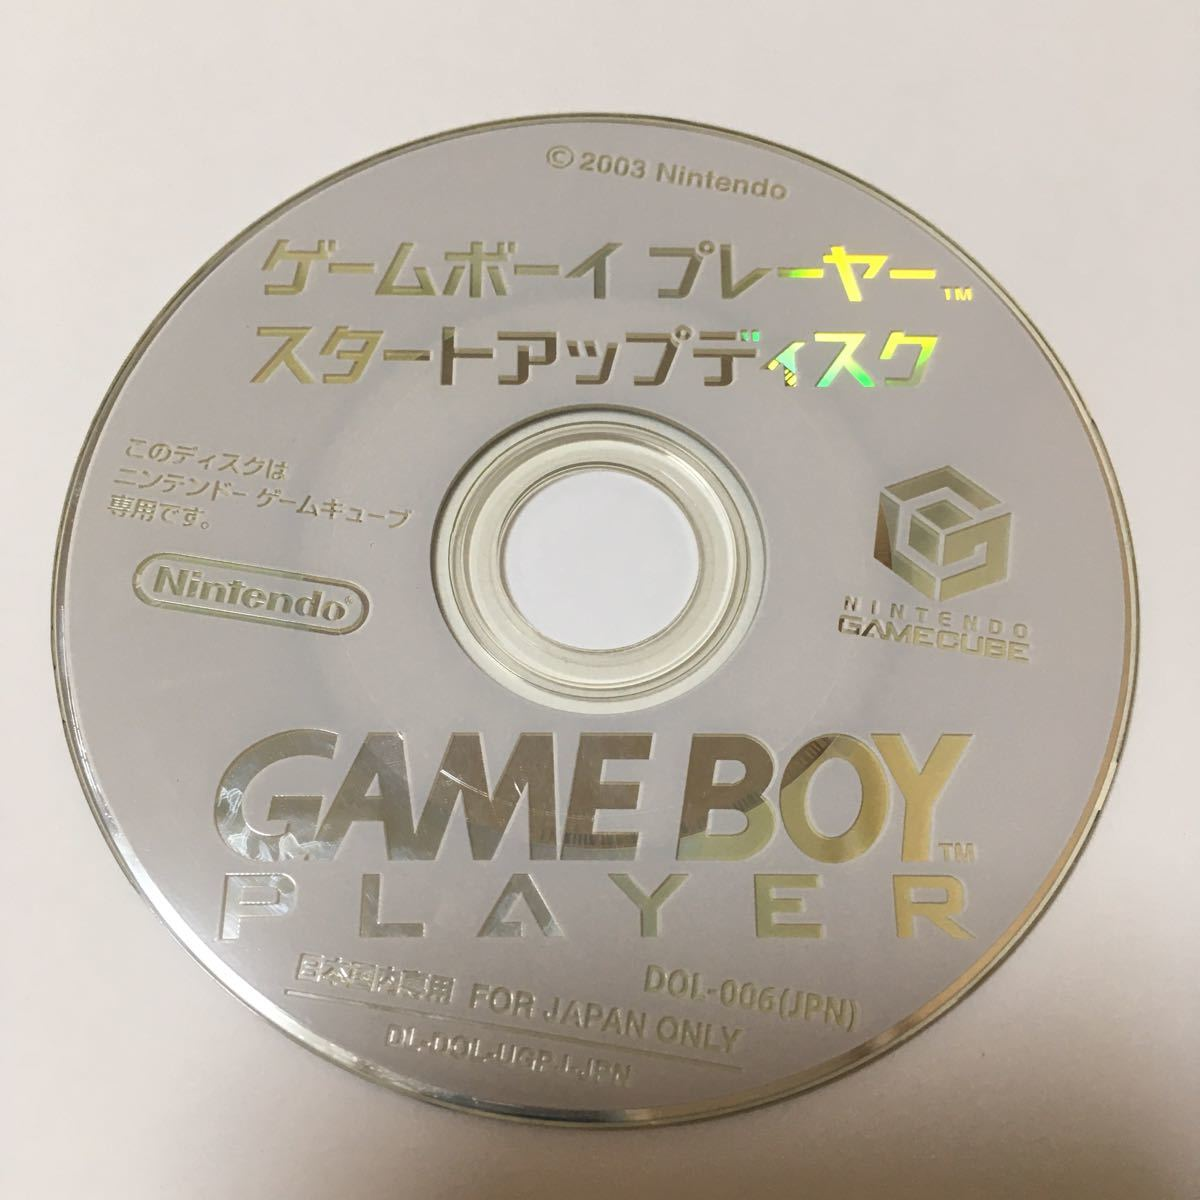 ゲームキューブ ゲームボーイプレーヤー スタートアップディスク 動作確認済み ゲームボーイアドバンス カセット 任天堂 レトロ